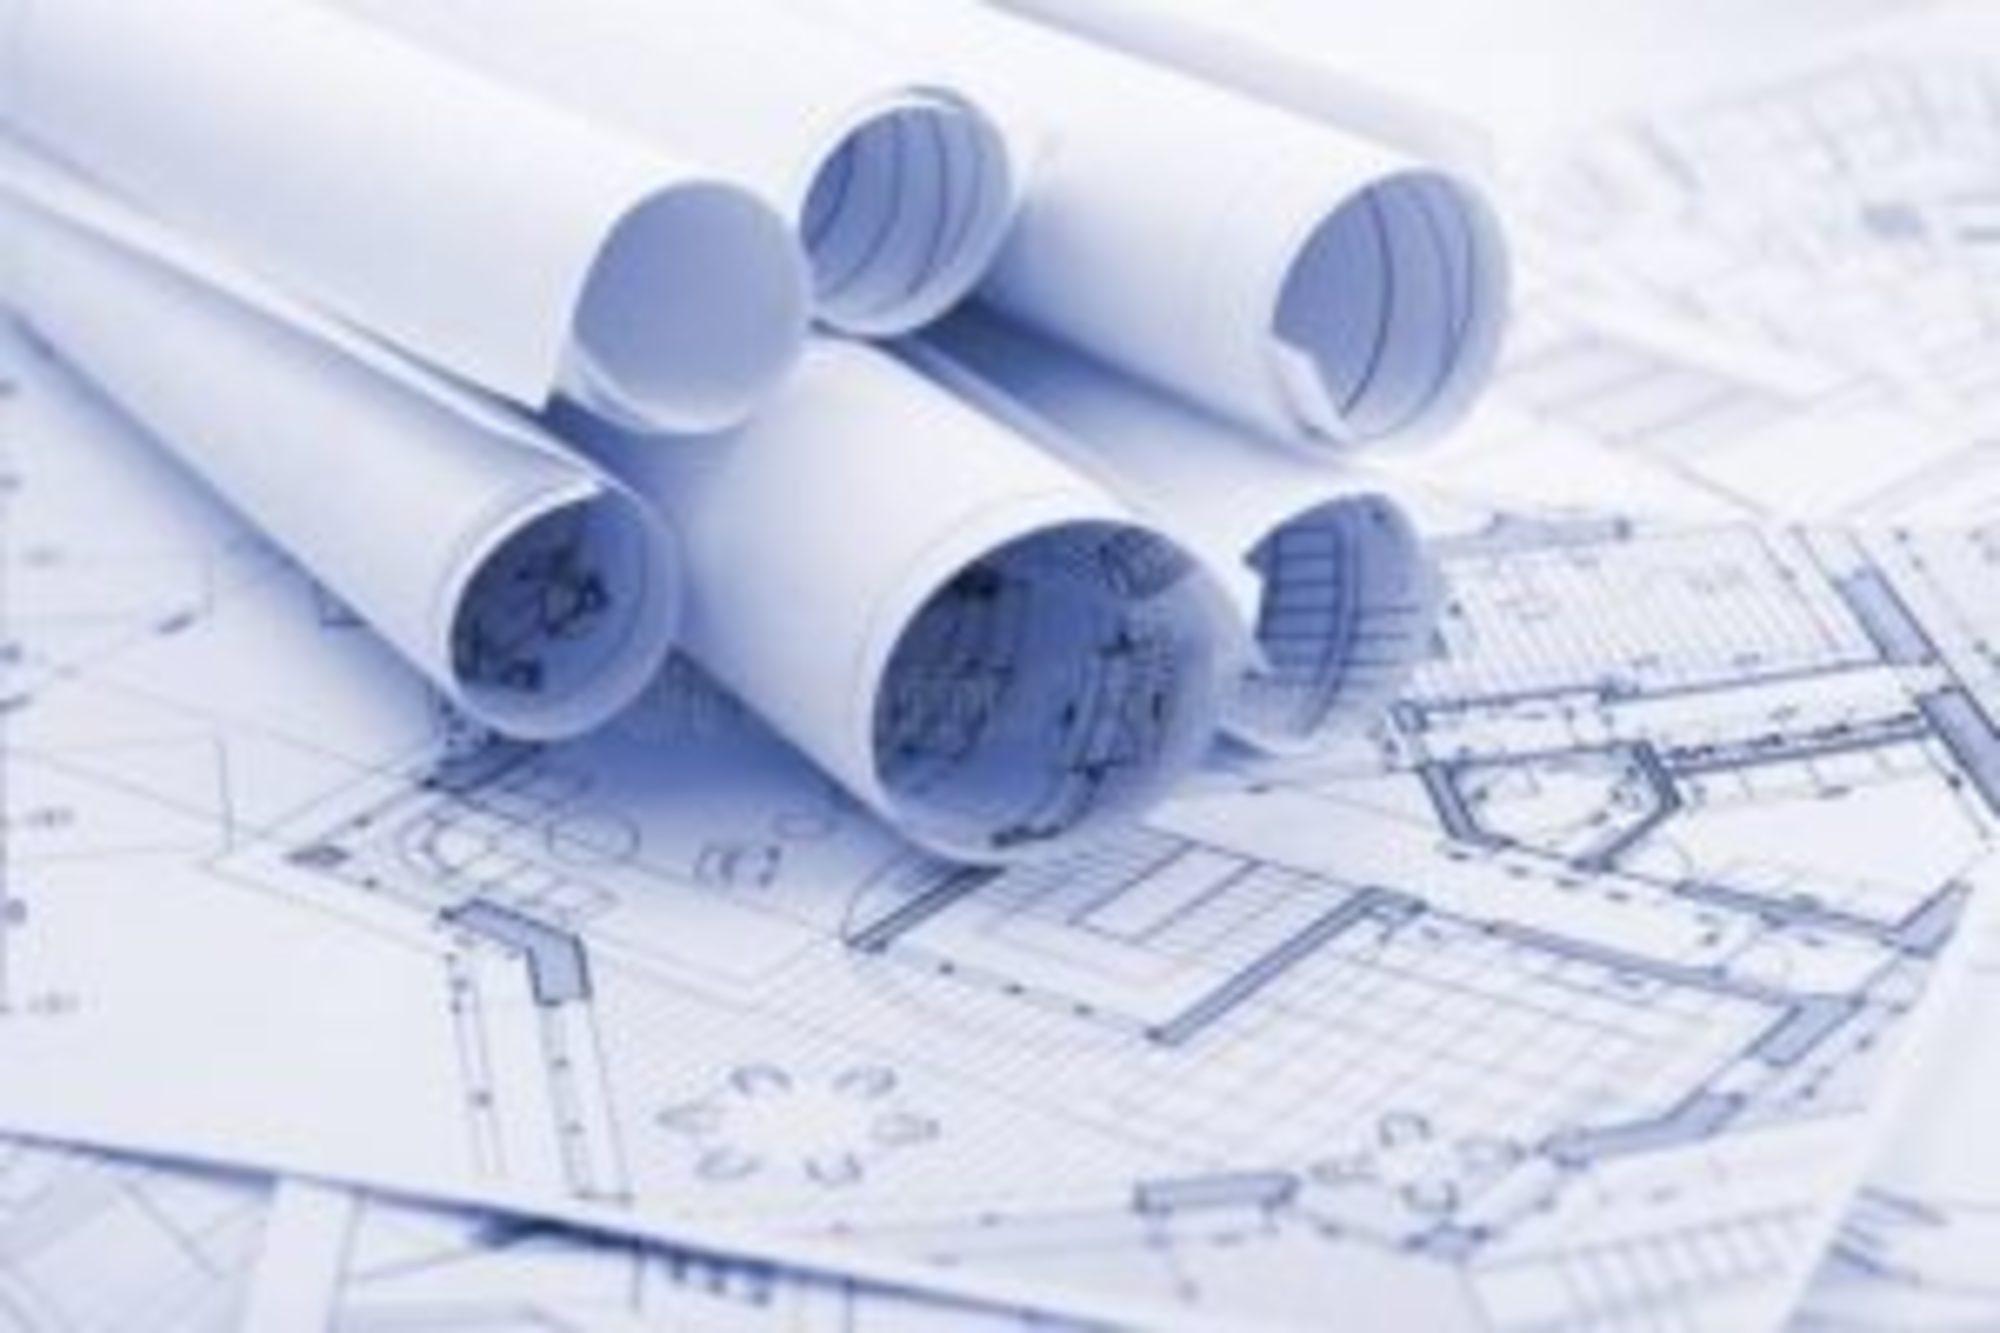 plans-d-architecture-12802991-e1510712156585.jpg